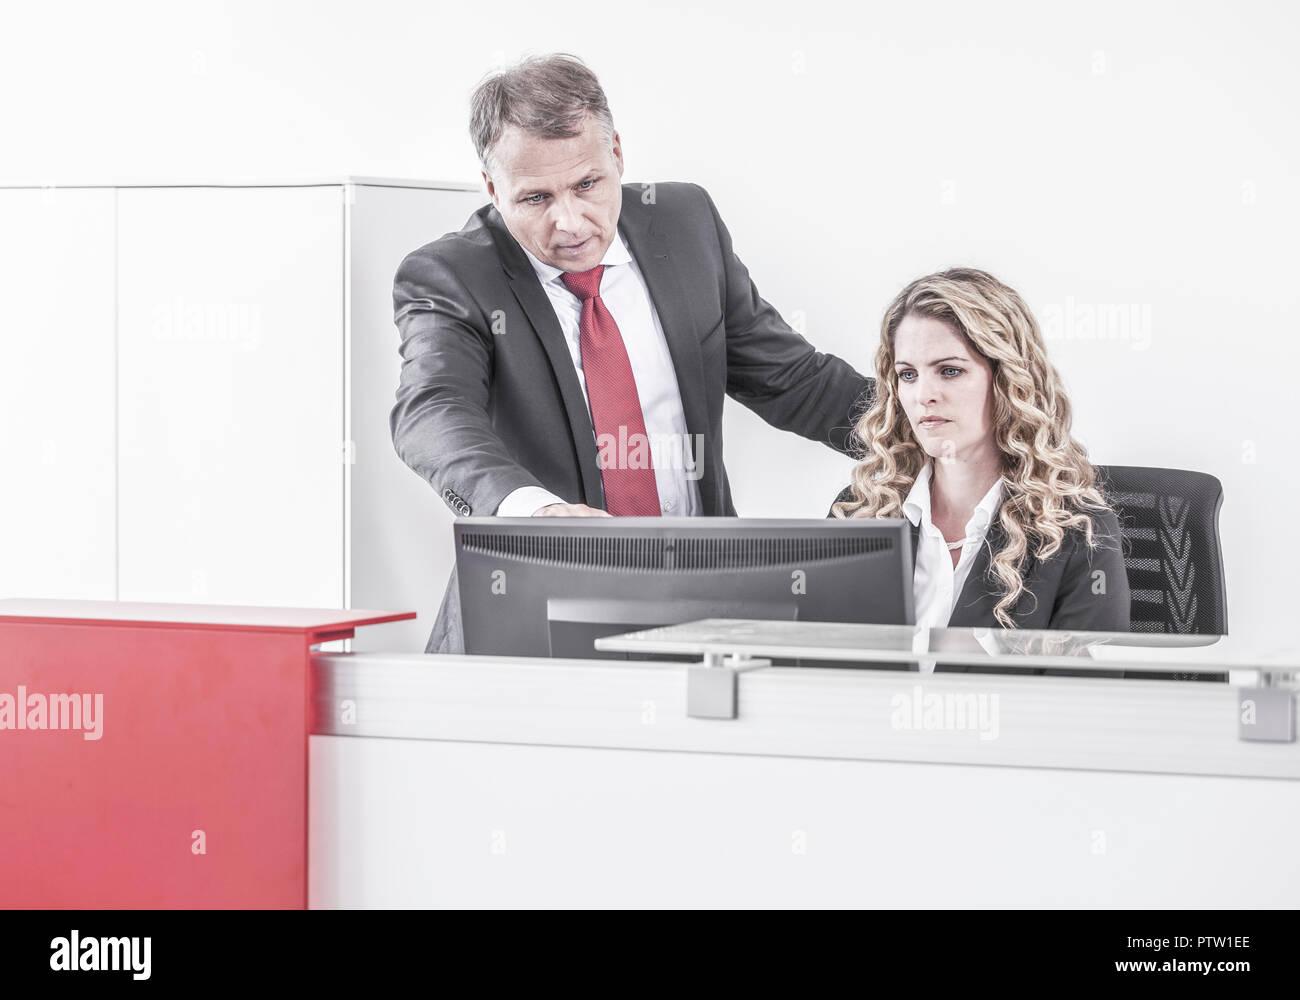 Mann und Frau schauen auf Bildschirm (model-released) - Stock Image